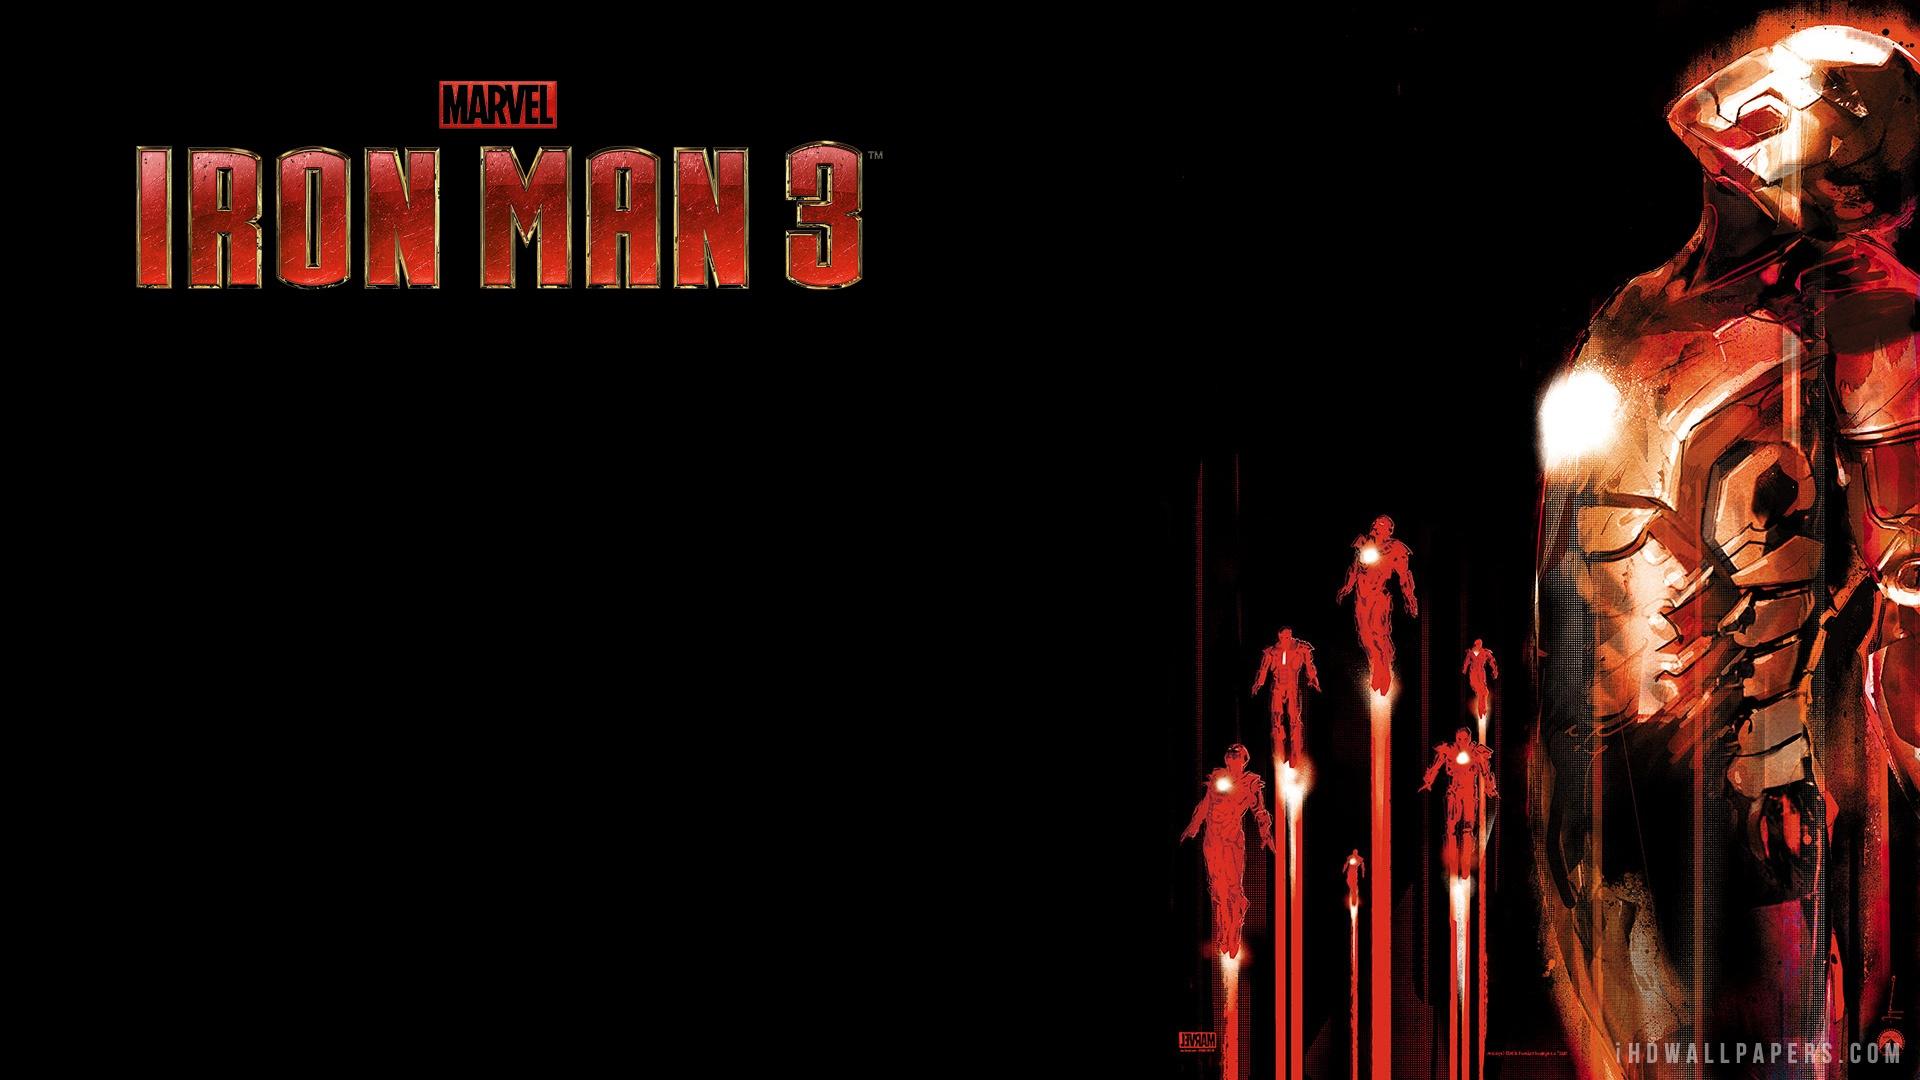 Iron Man 3 IMAX 3D HD Wallpaper IHD Wallpapers 1920x1080